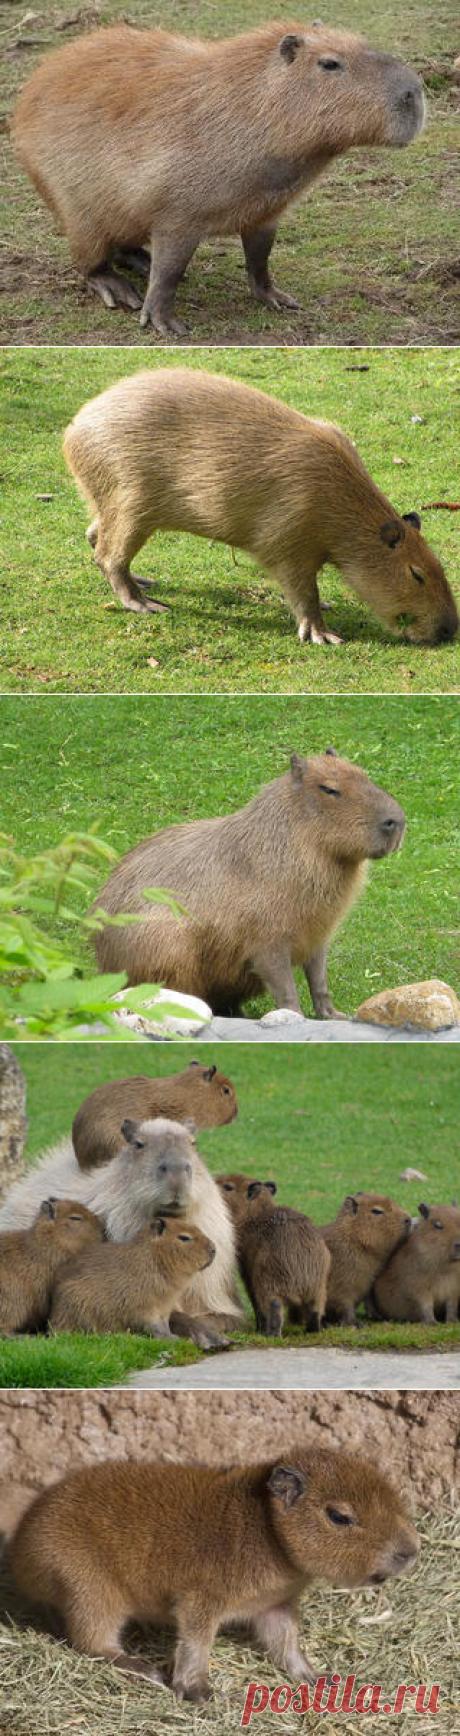 Смотреть изображения капибар | Зооляндия